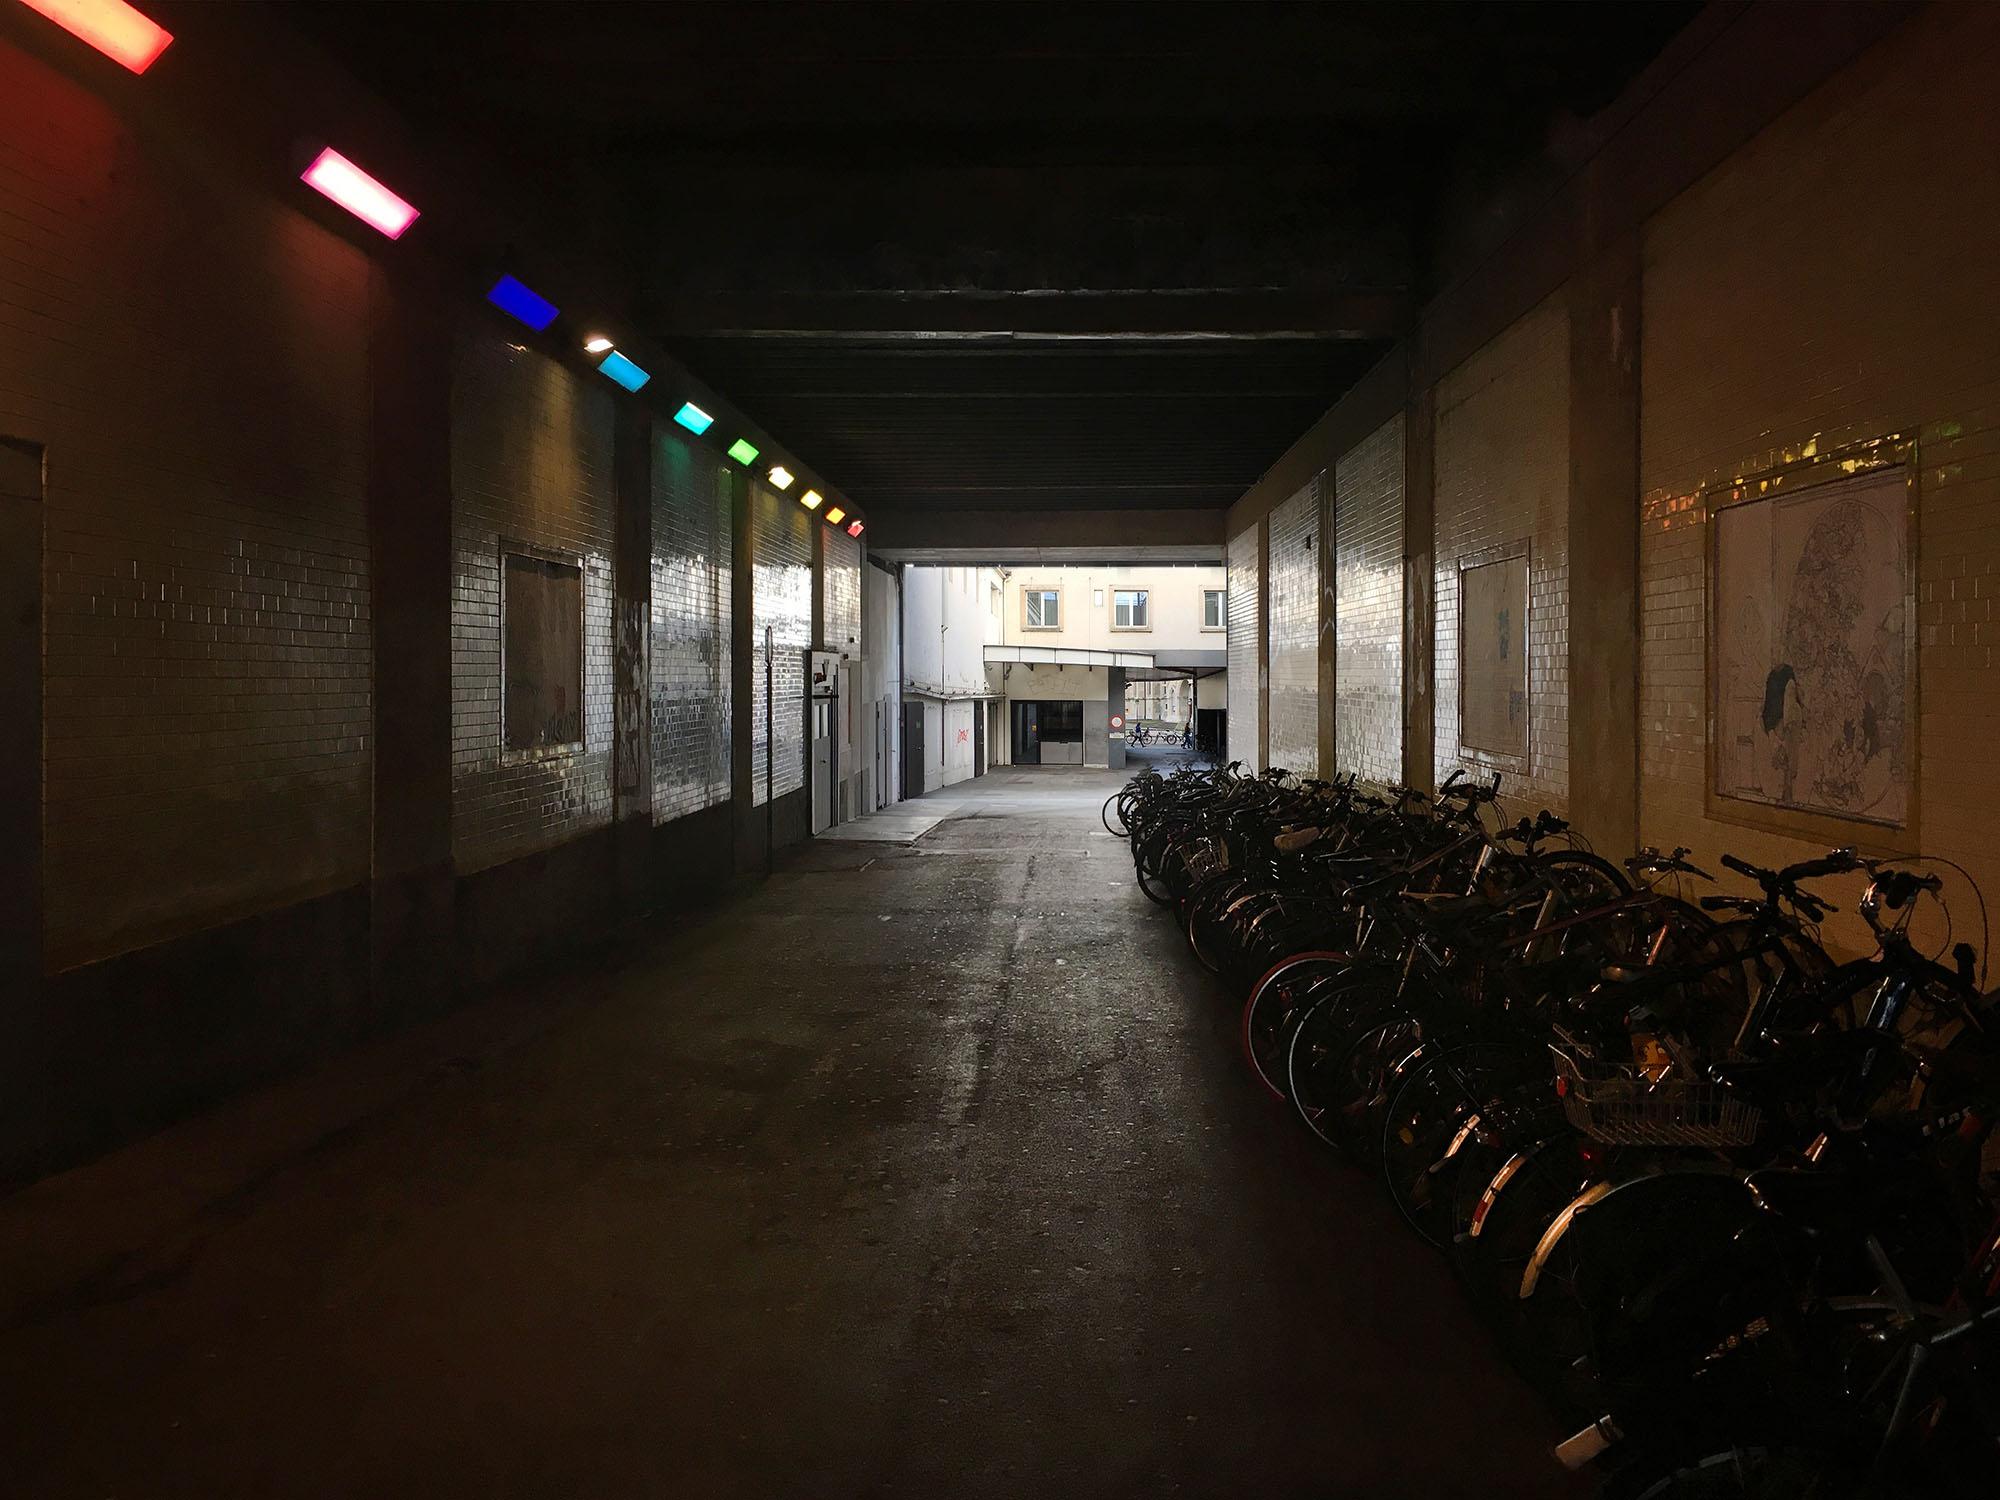 passage-grottes-2016